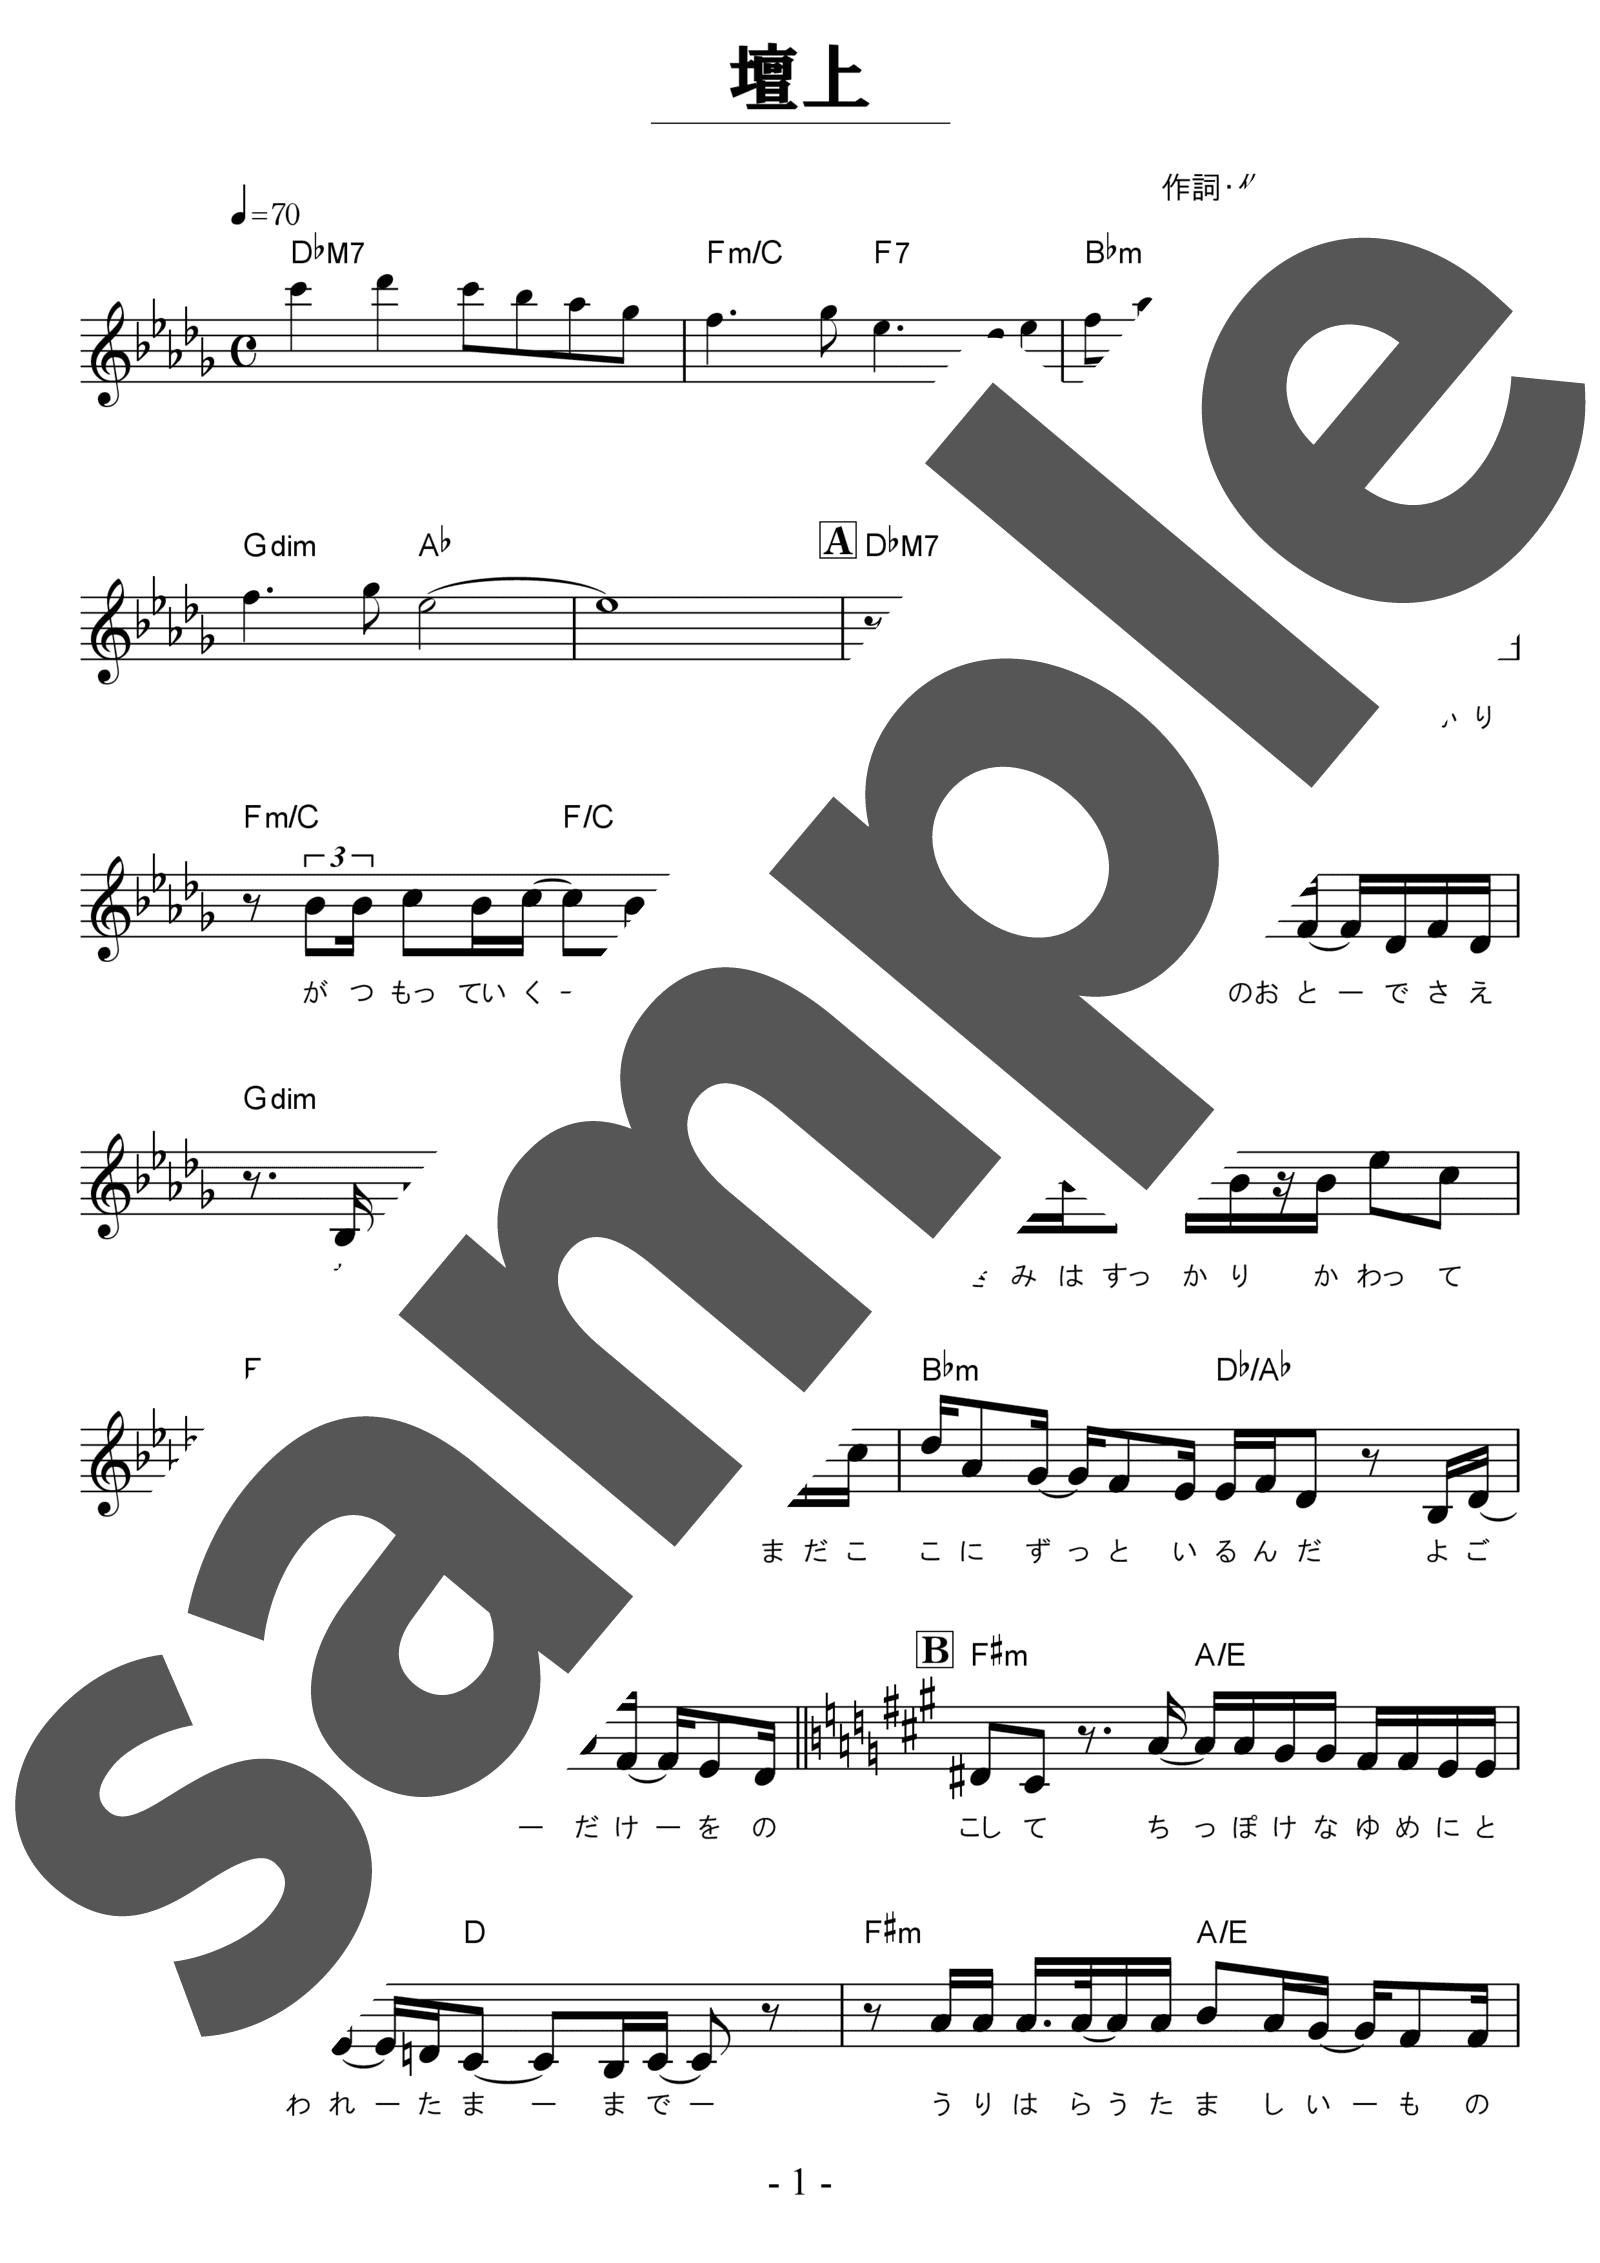 「壇上」のサンプル楽譜